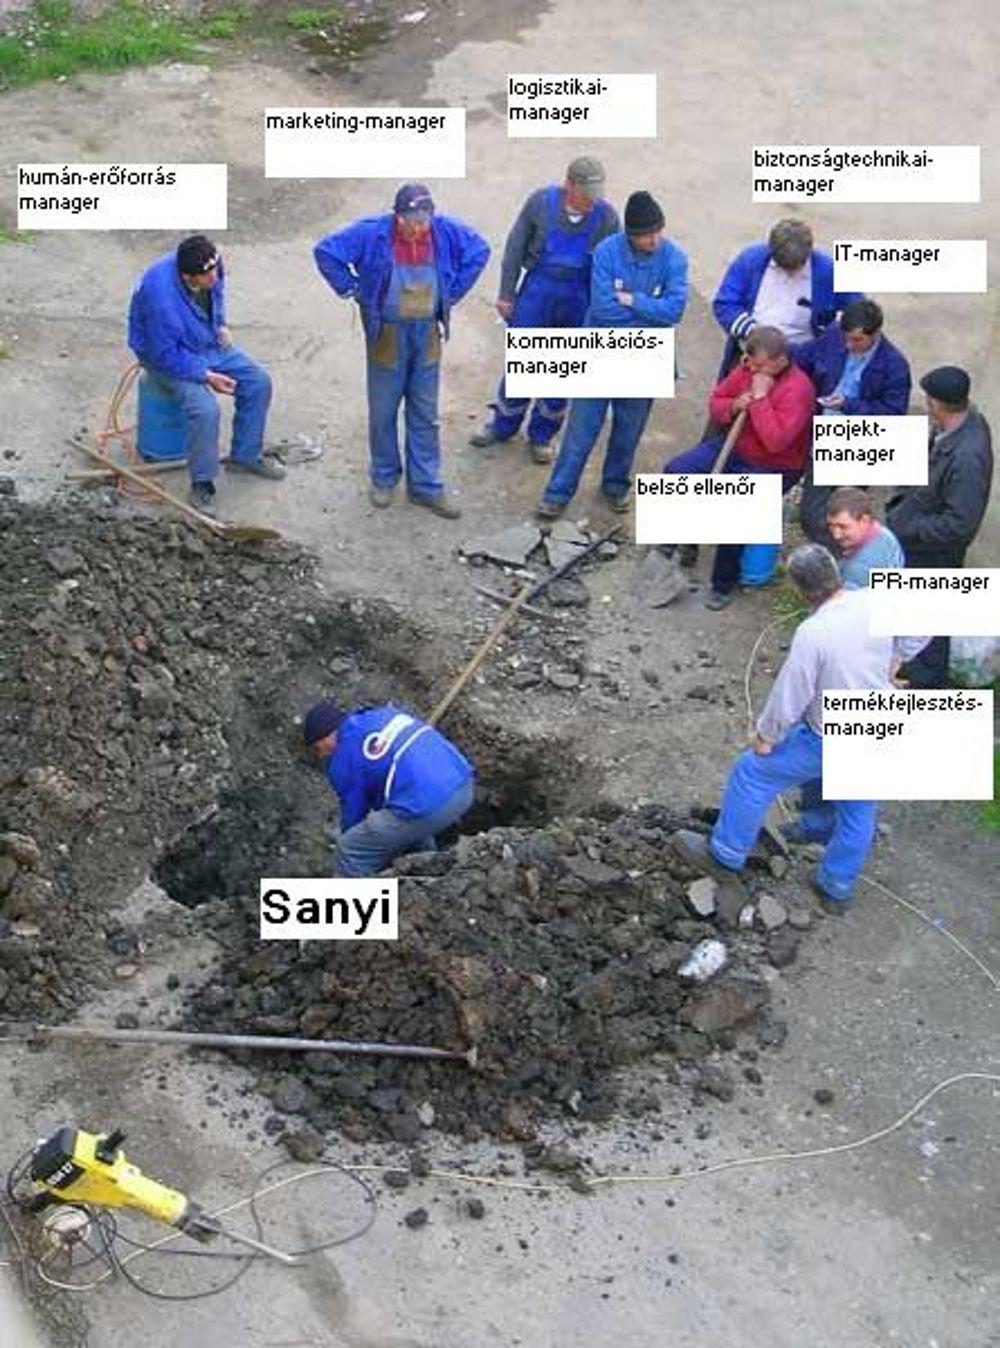 Csak Manager Munkások építkezésen vicces kép ahol csak egy 1 ember dolgozik mindenki más menedzser